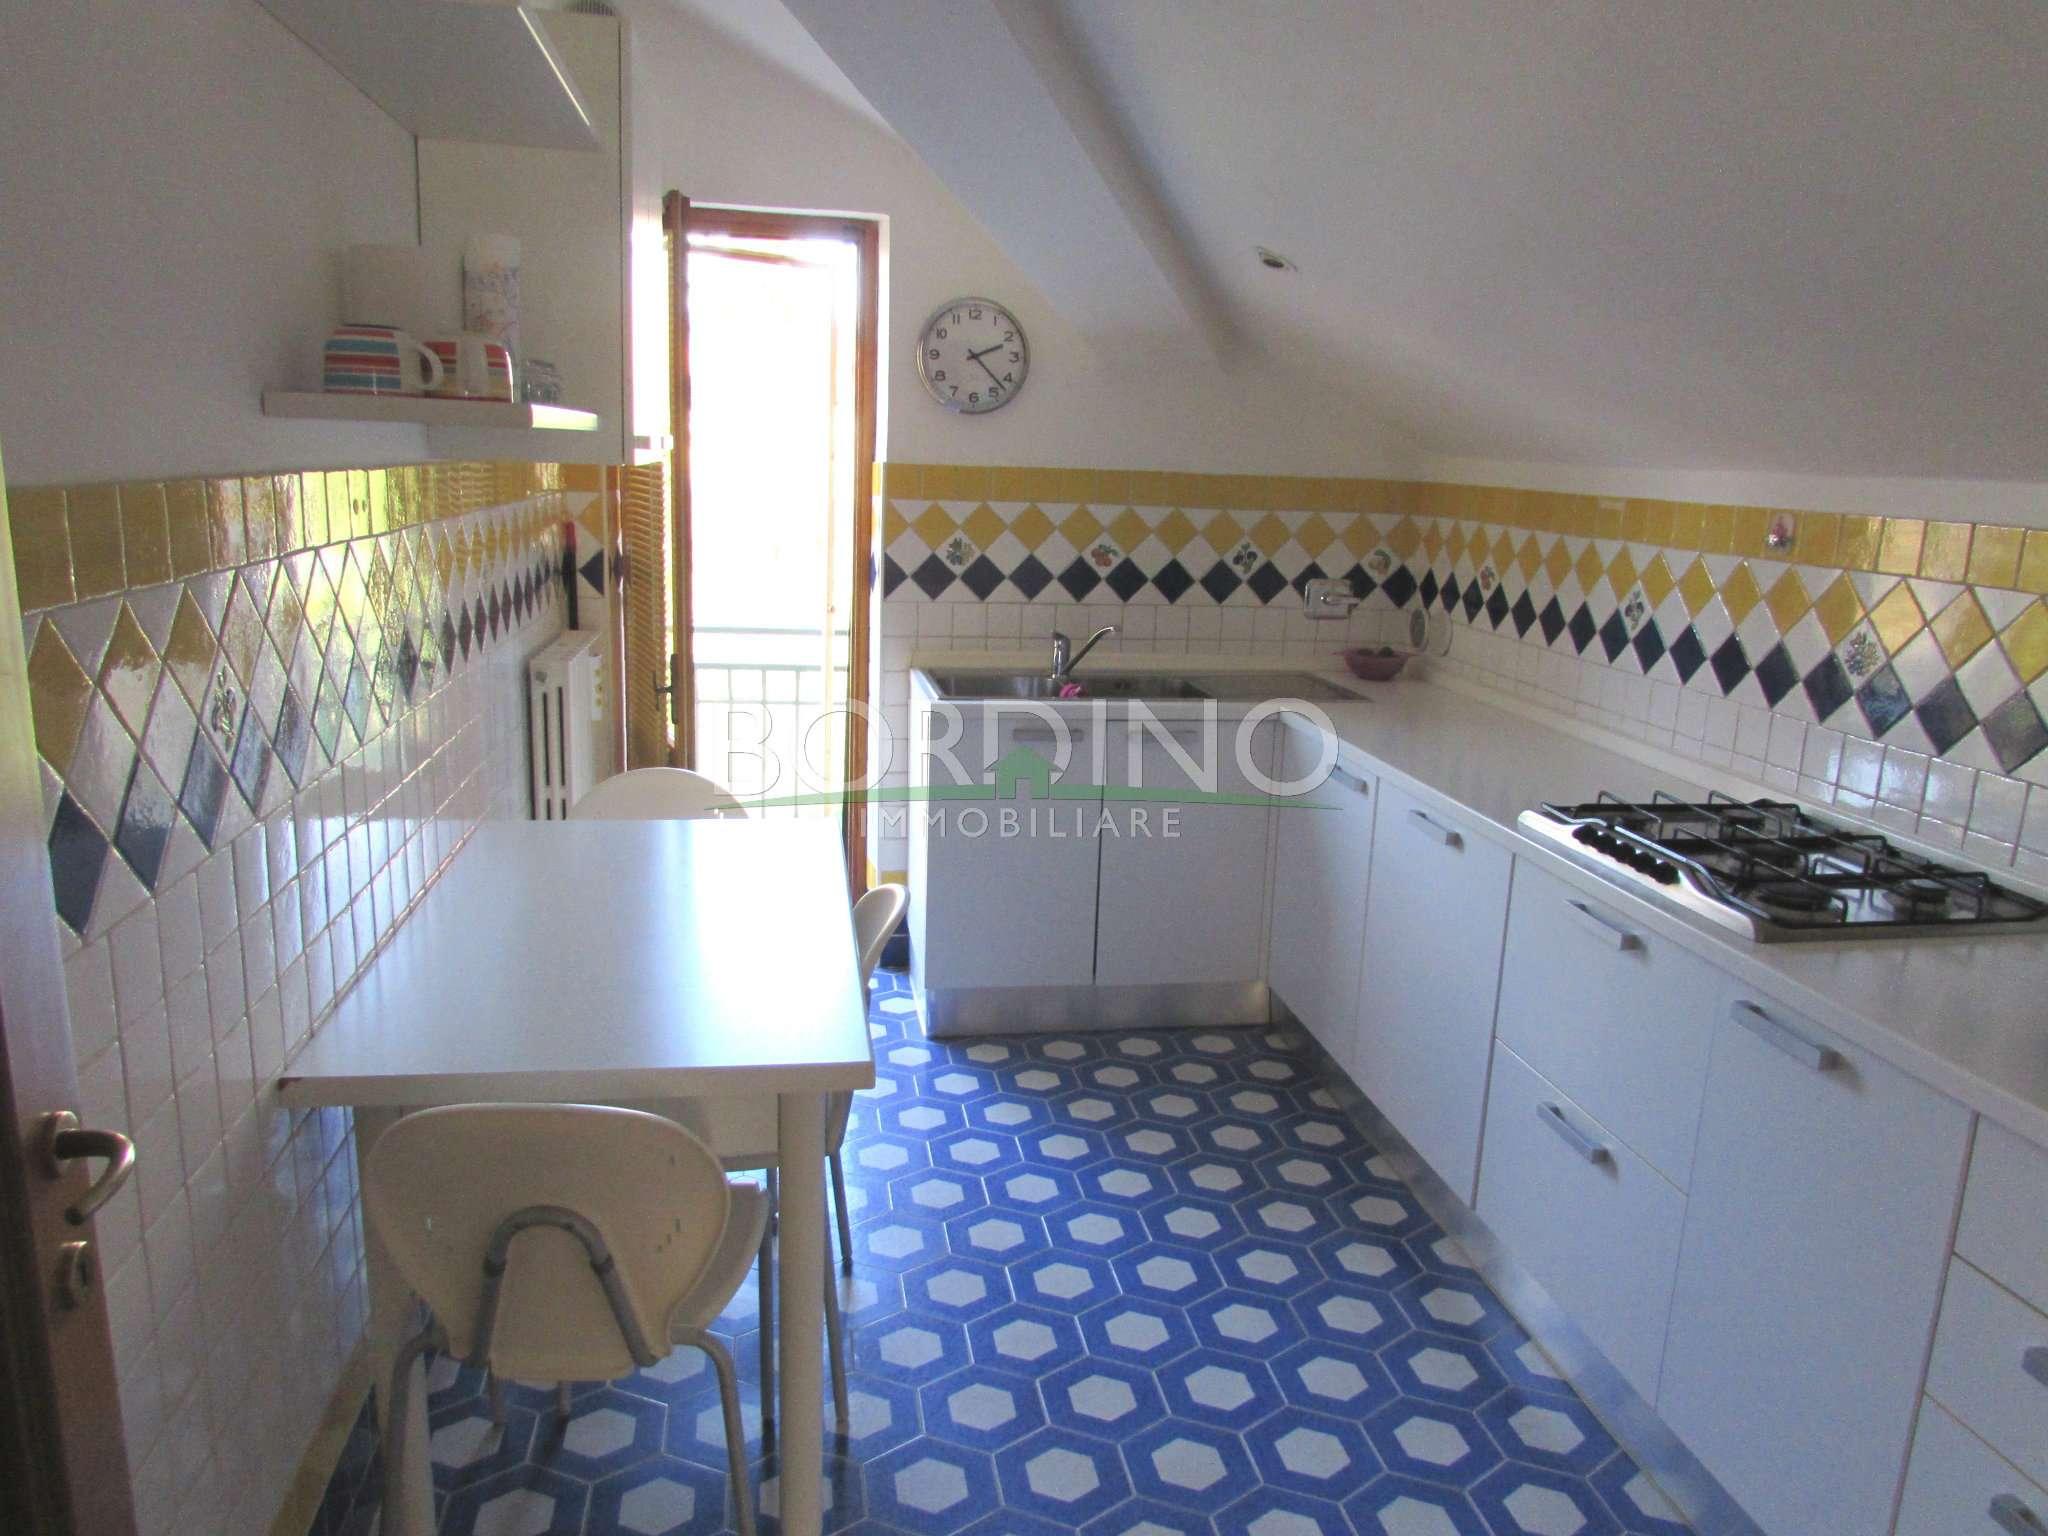 Appartamento in vendita a Sommariva Perno, 3 locali, prezzo € 40.000 | CambioCasa.it